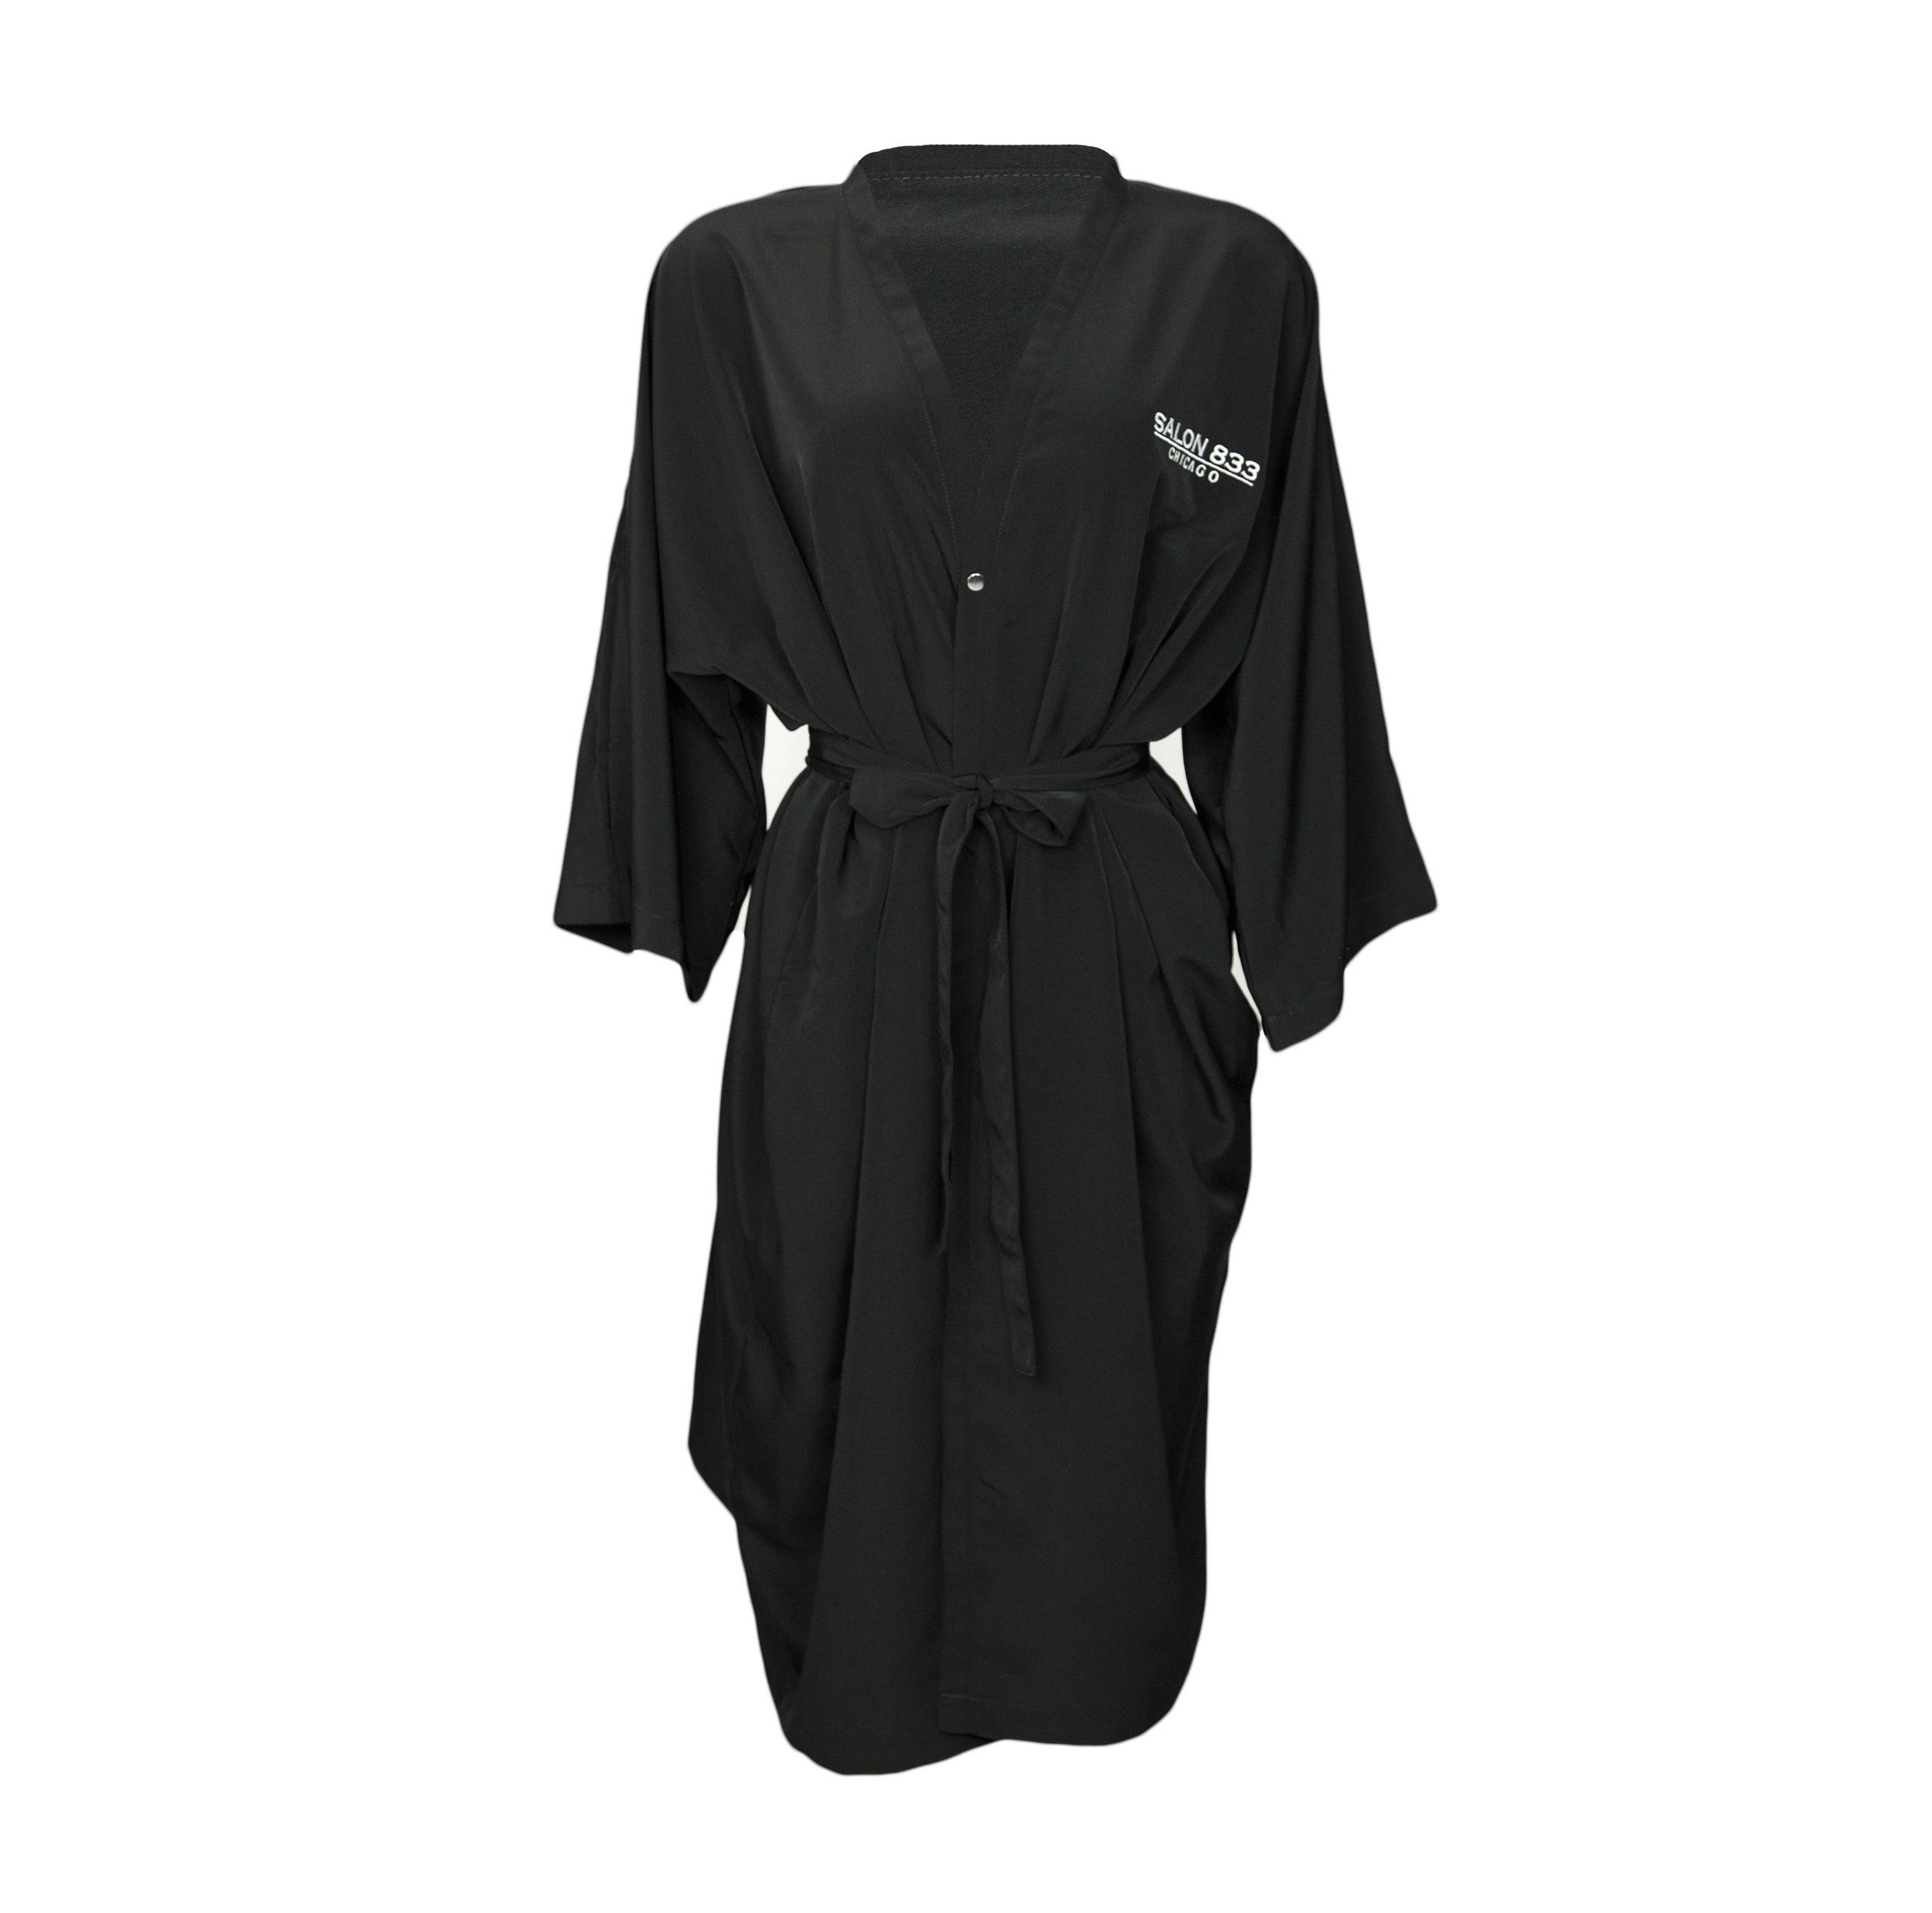 Salon833-Gown-Front copy.jpg